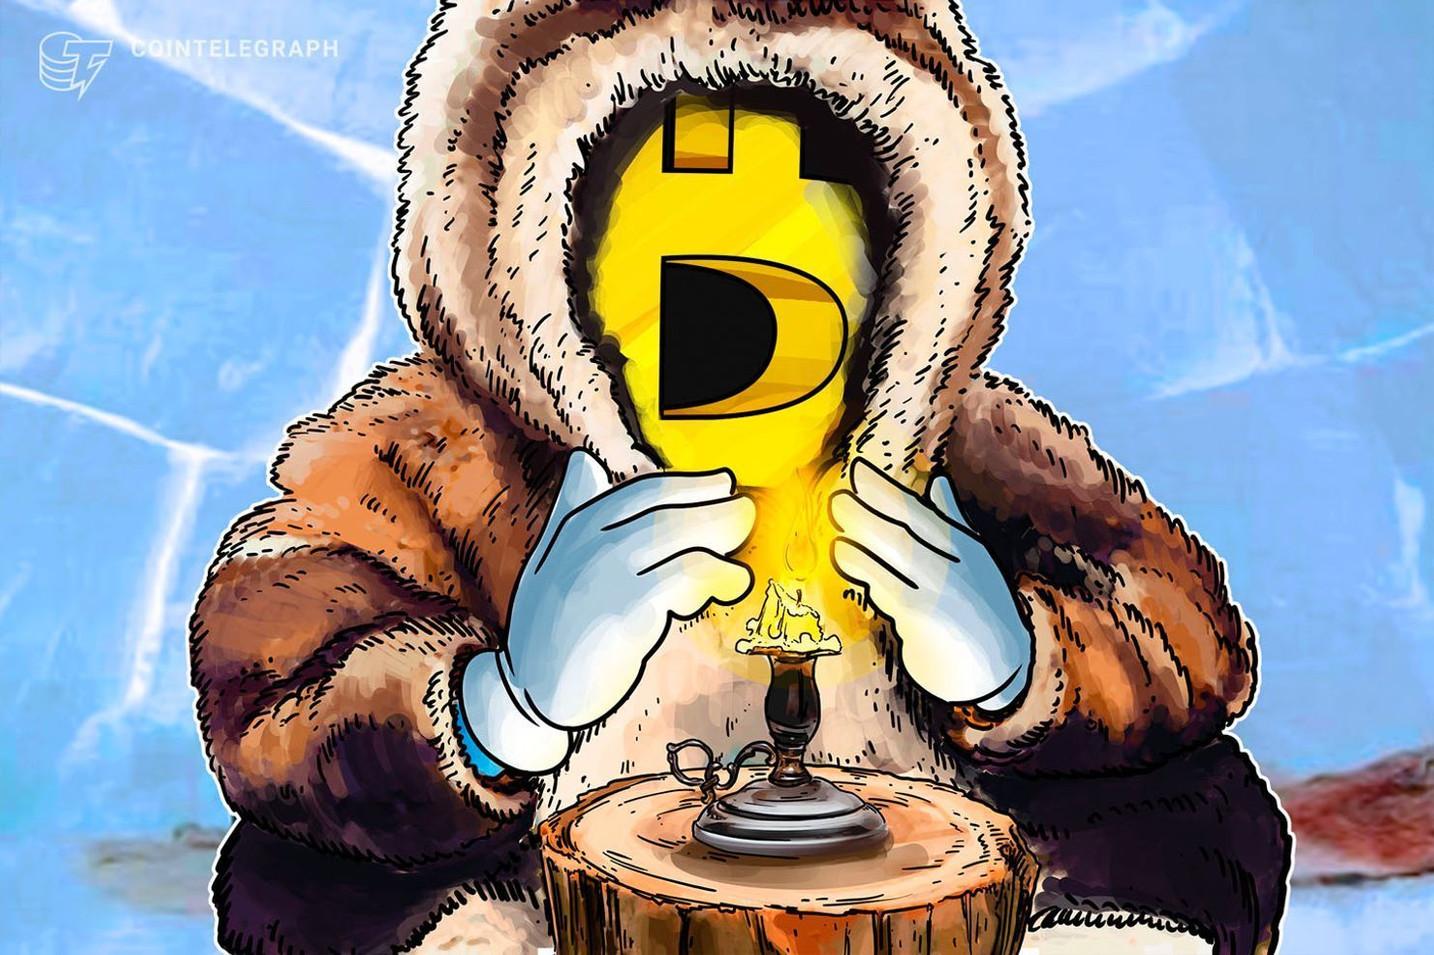 Winter, again? 今週の仮想通貨市場、6兆円吹き飛ぶ|ビットコインは8000ドル割れ イーサやXRP(リップル)にも打撃